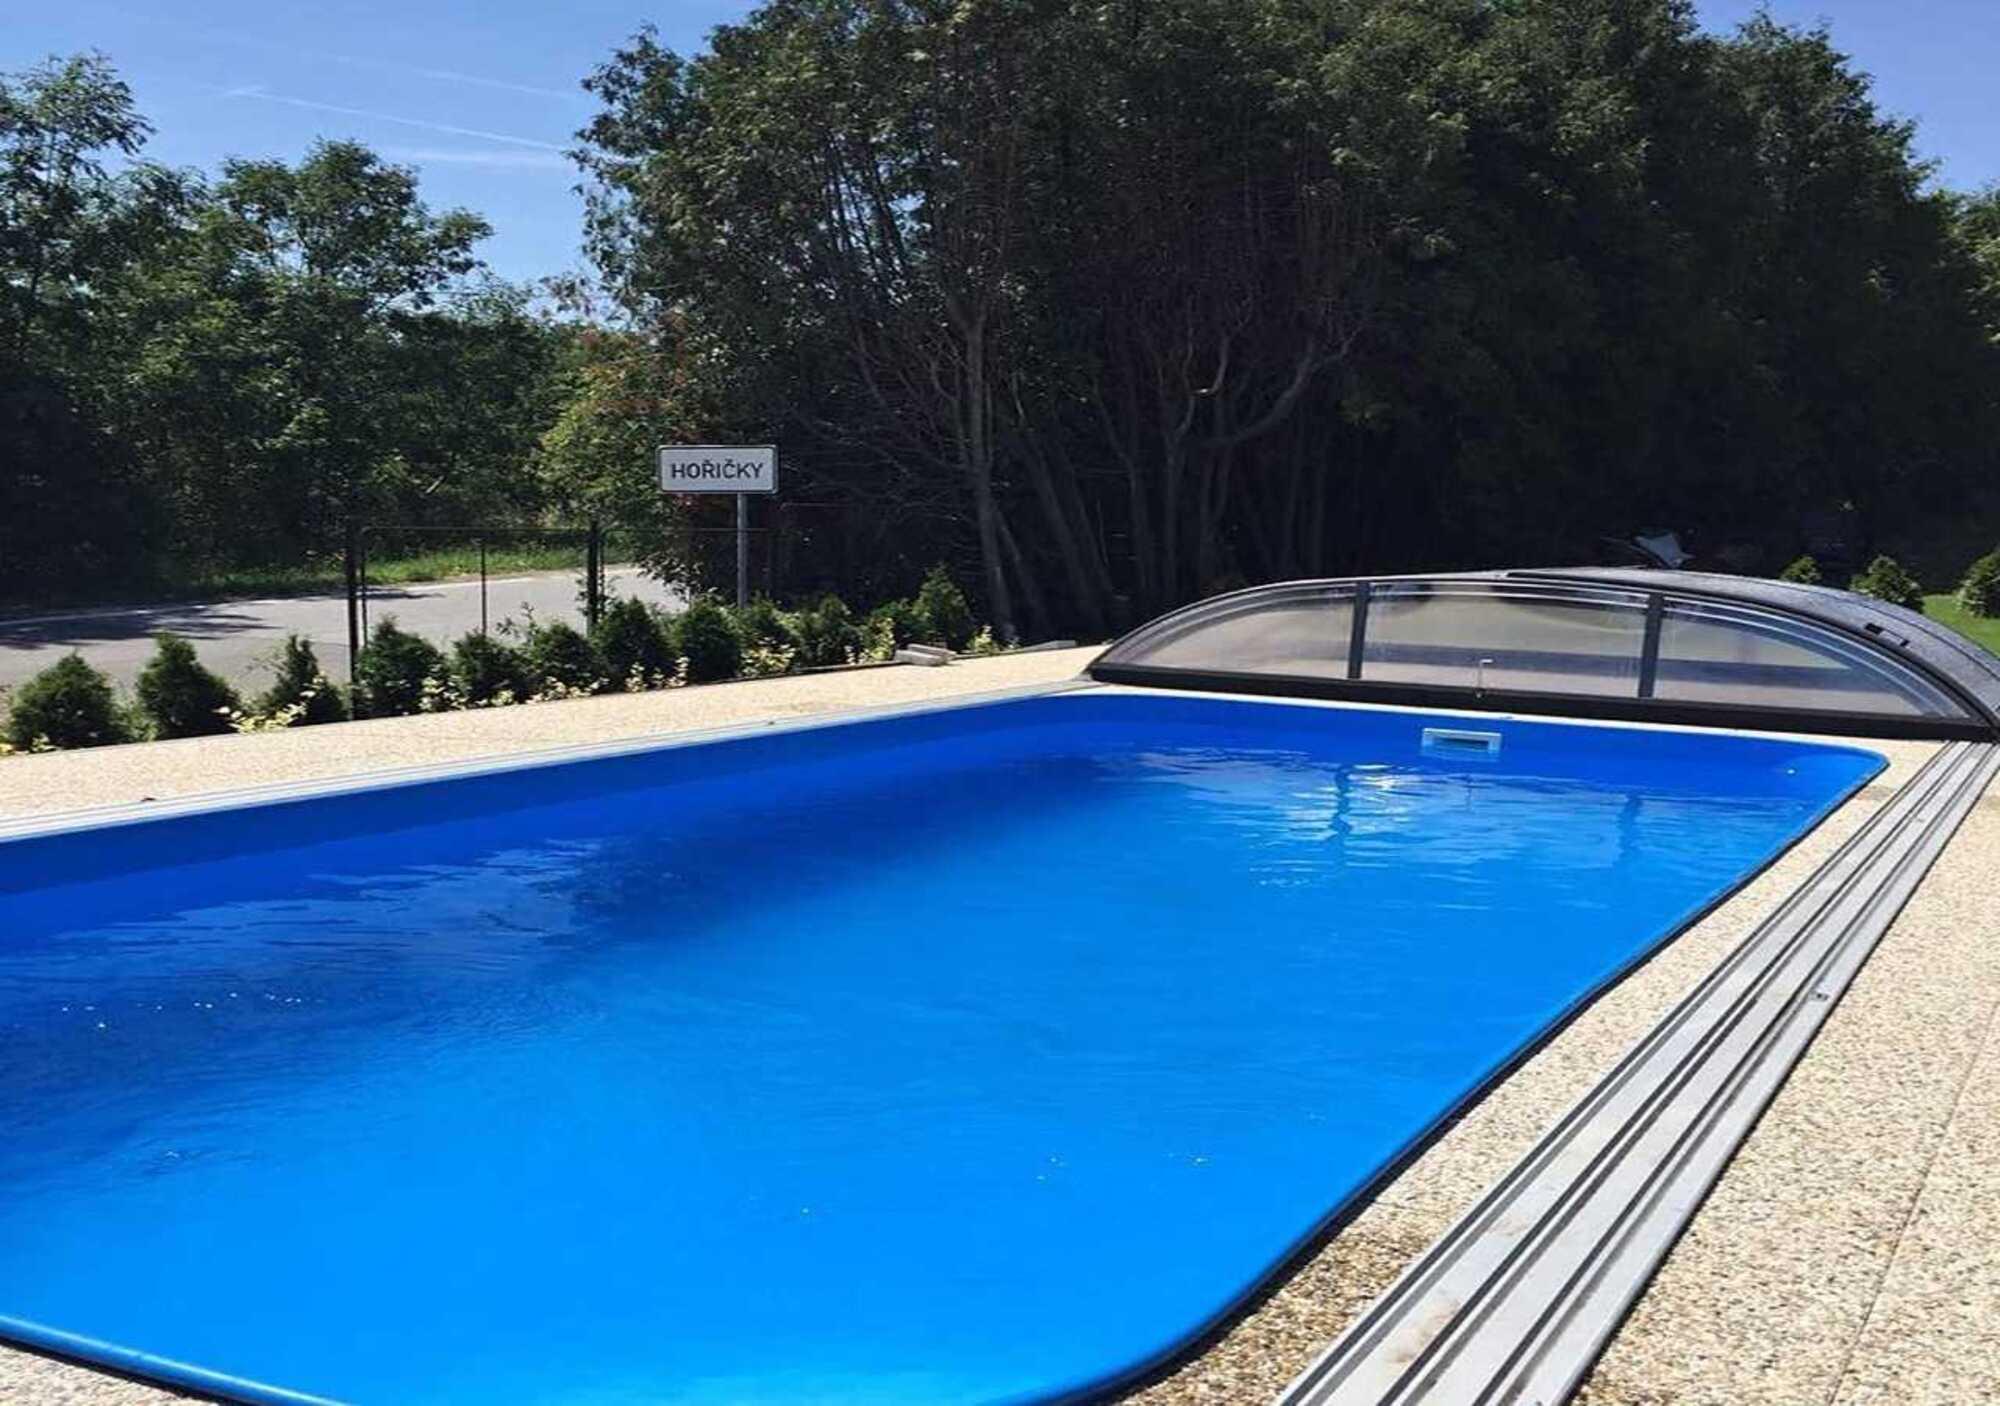 Vyhřívaný bazén - Vila Hořičky